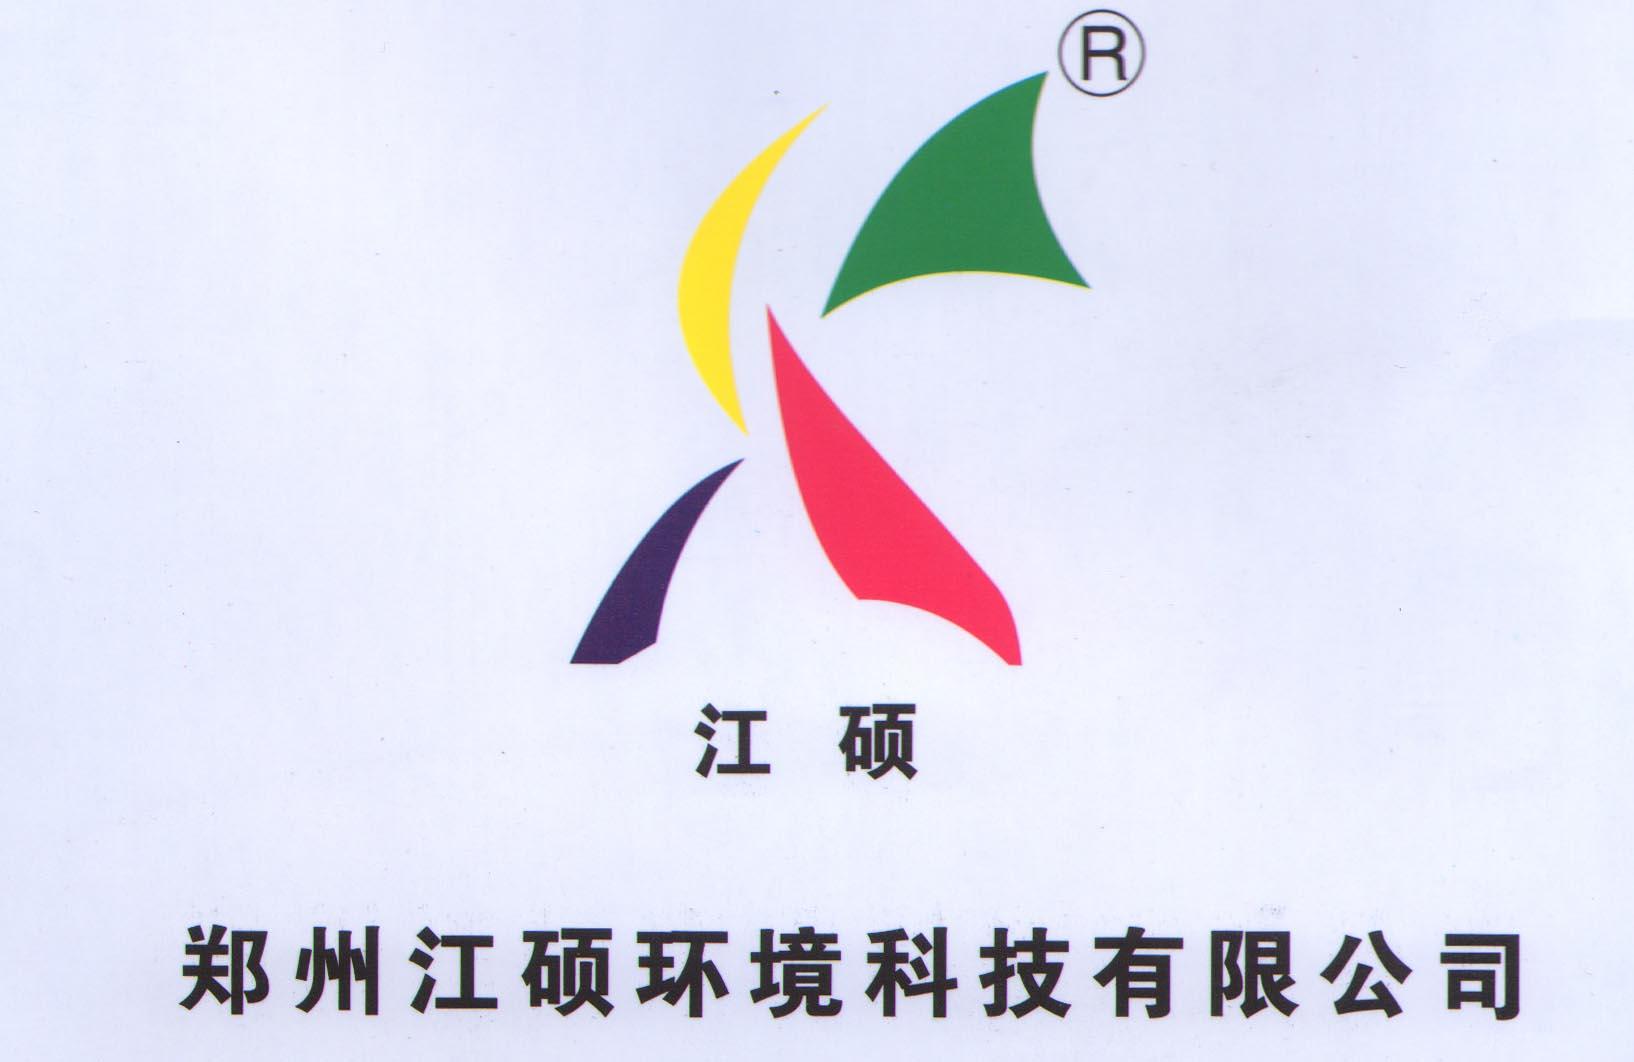 郑州江硕环境科技有限公司